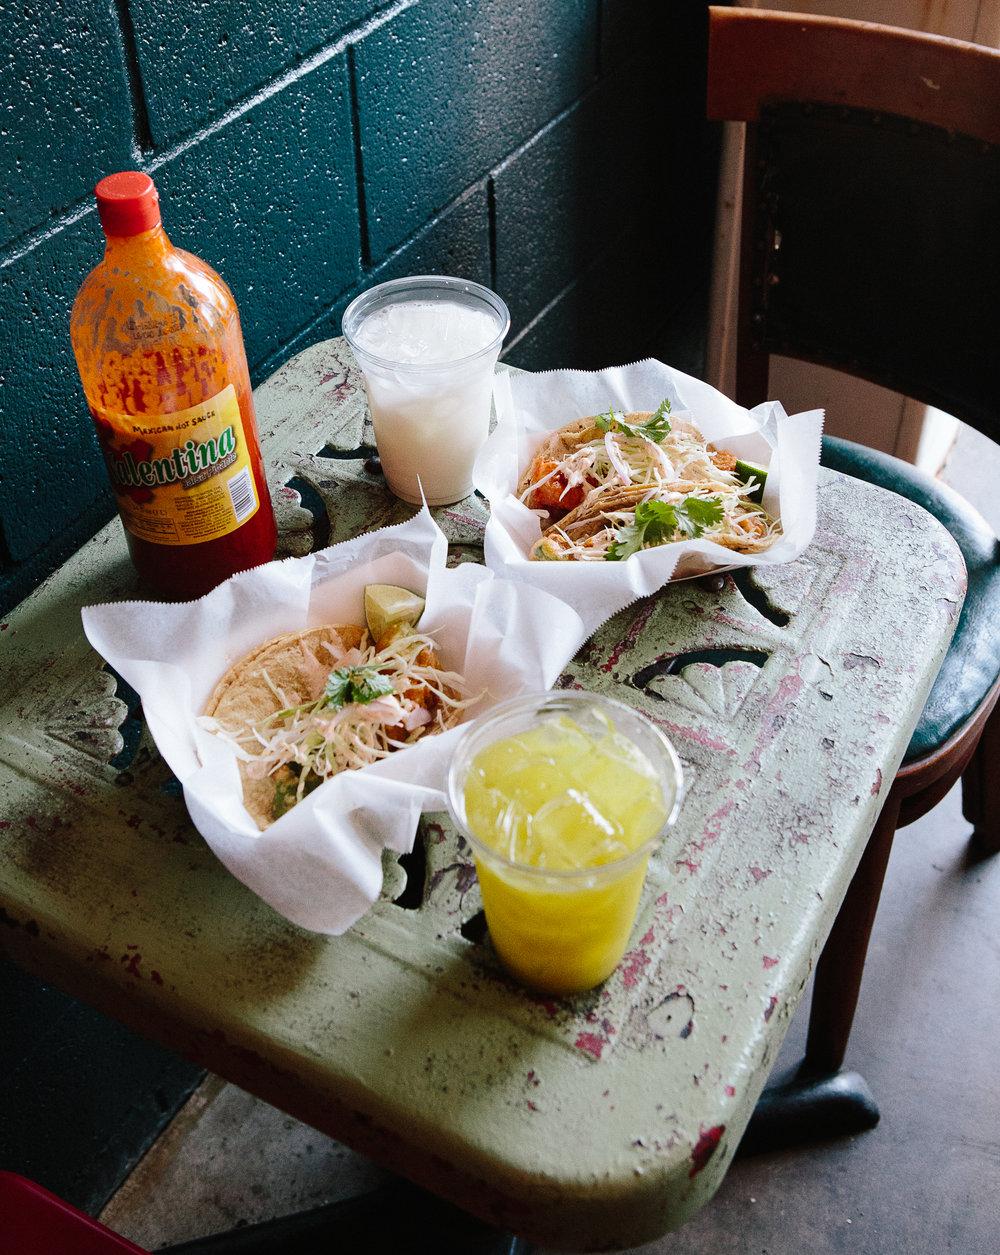 nashville-mas-tacos.jpg